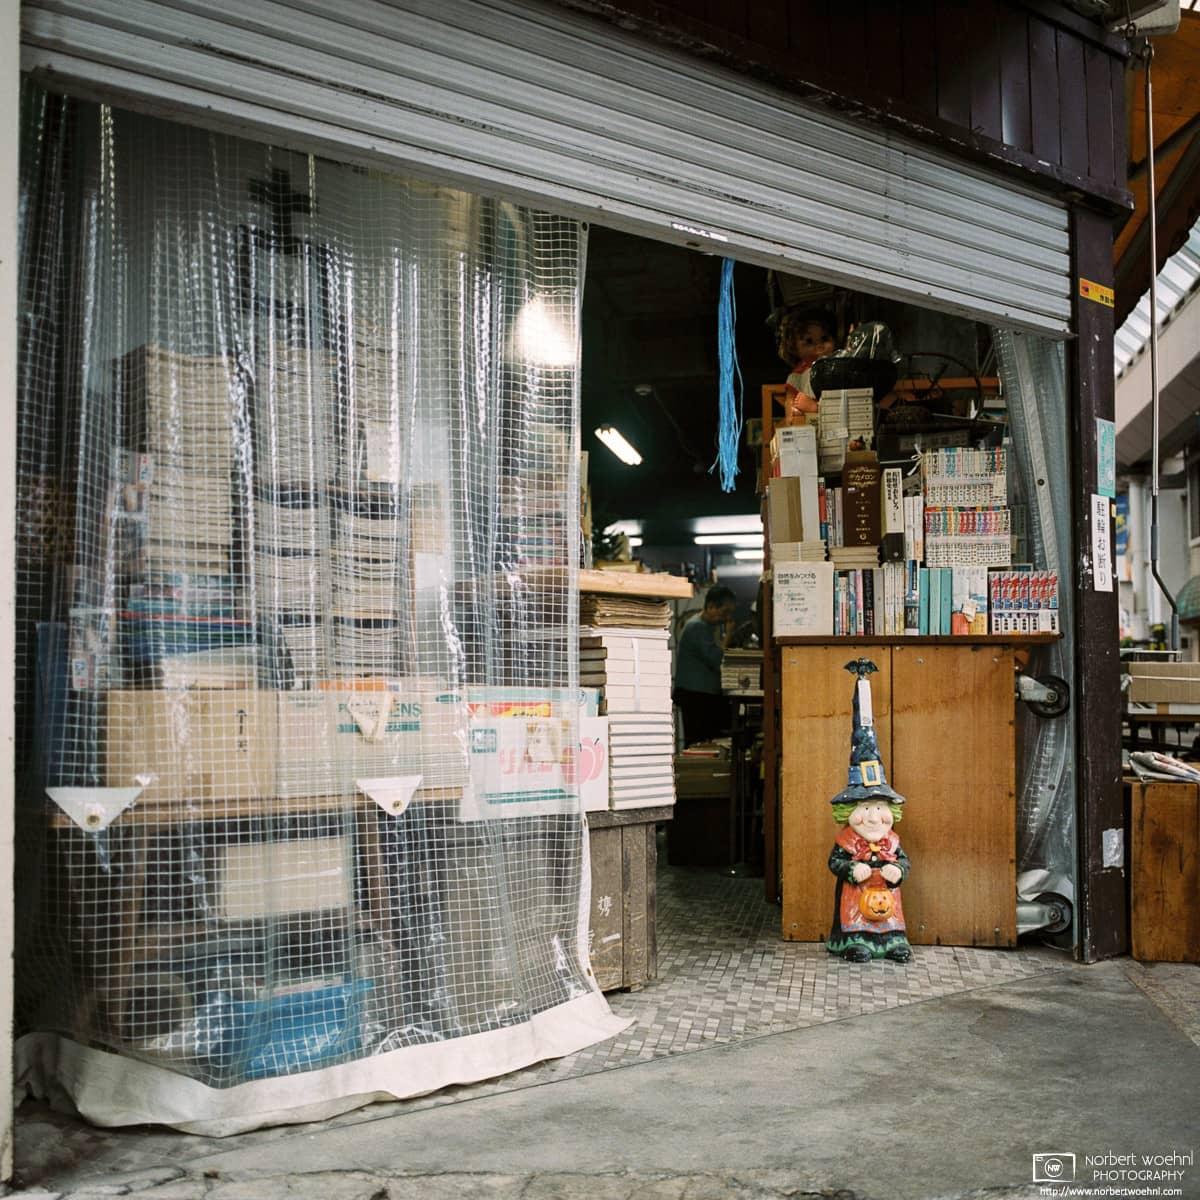 A friendly figure is seen standing beside a bookshelf at an antiques shop inside Gondo shopping street, Nagano, Japan.